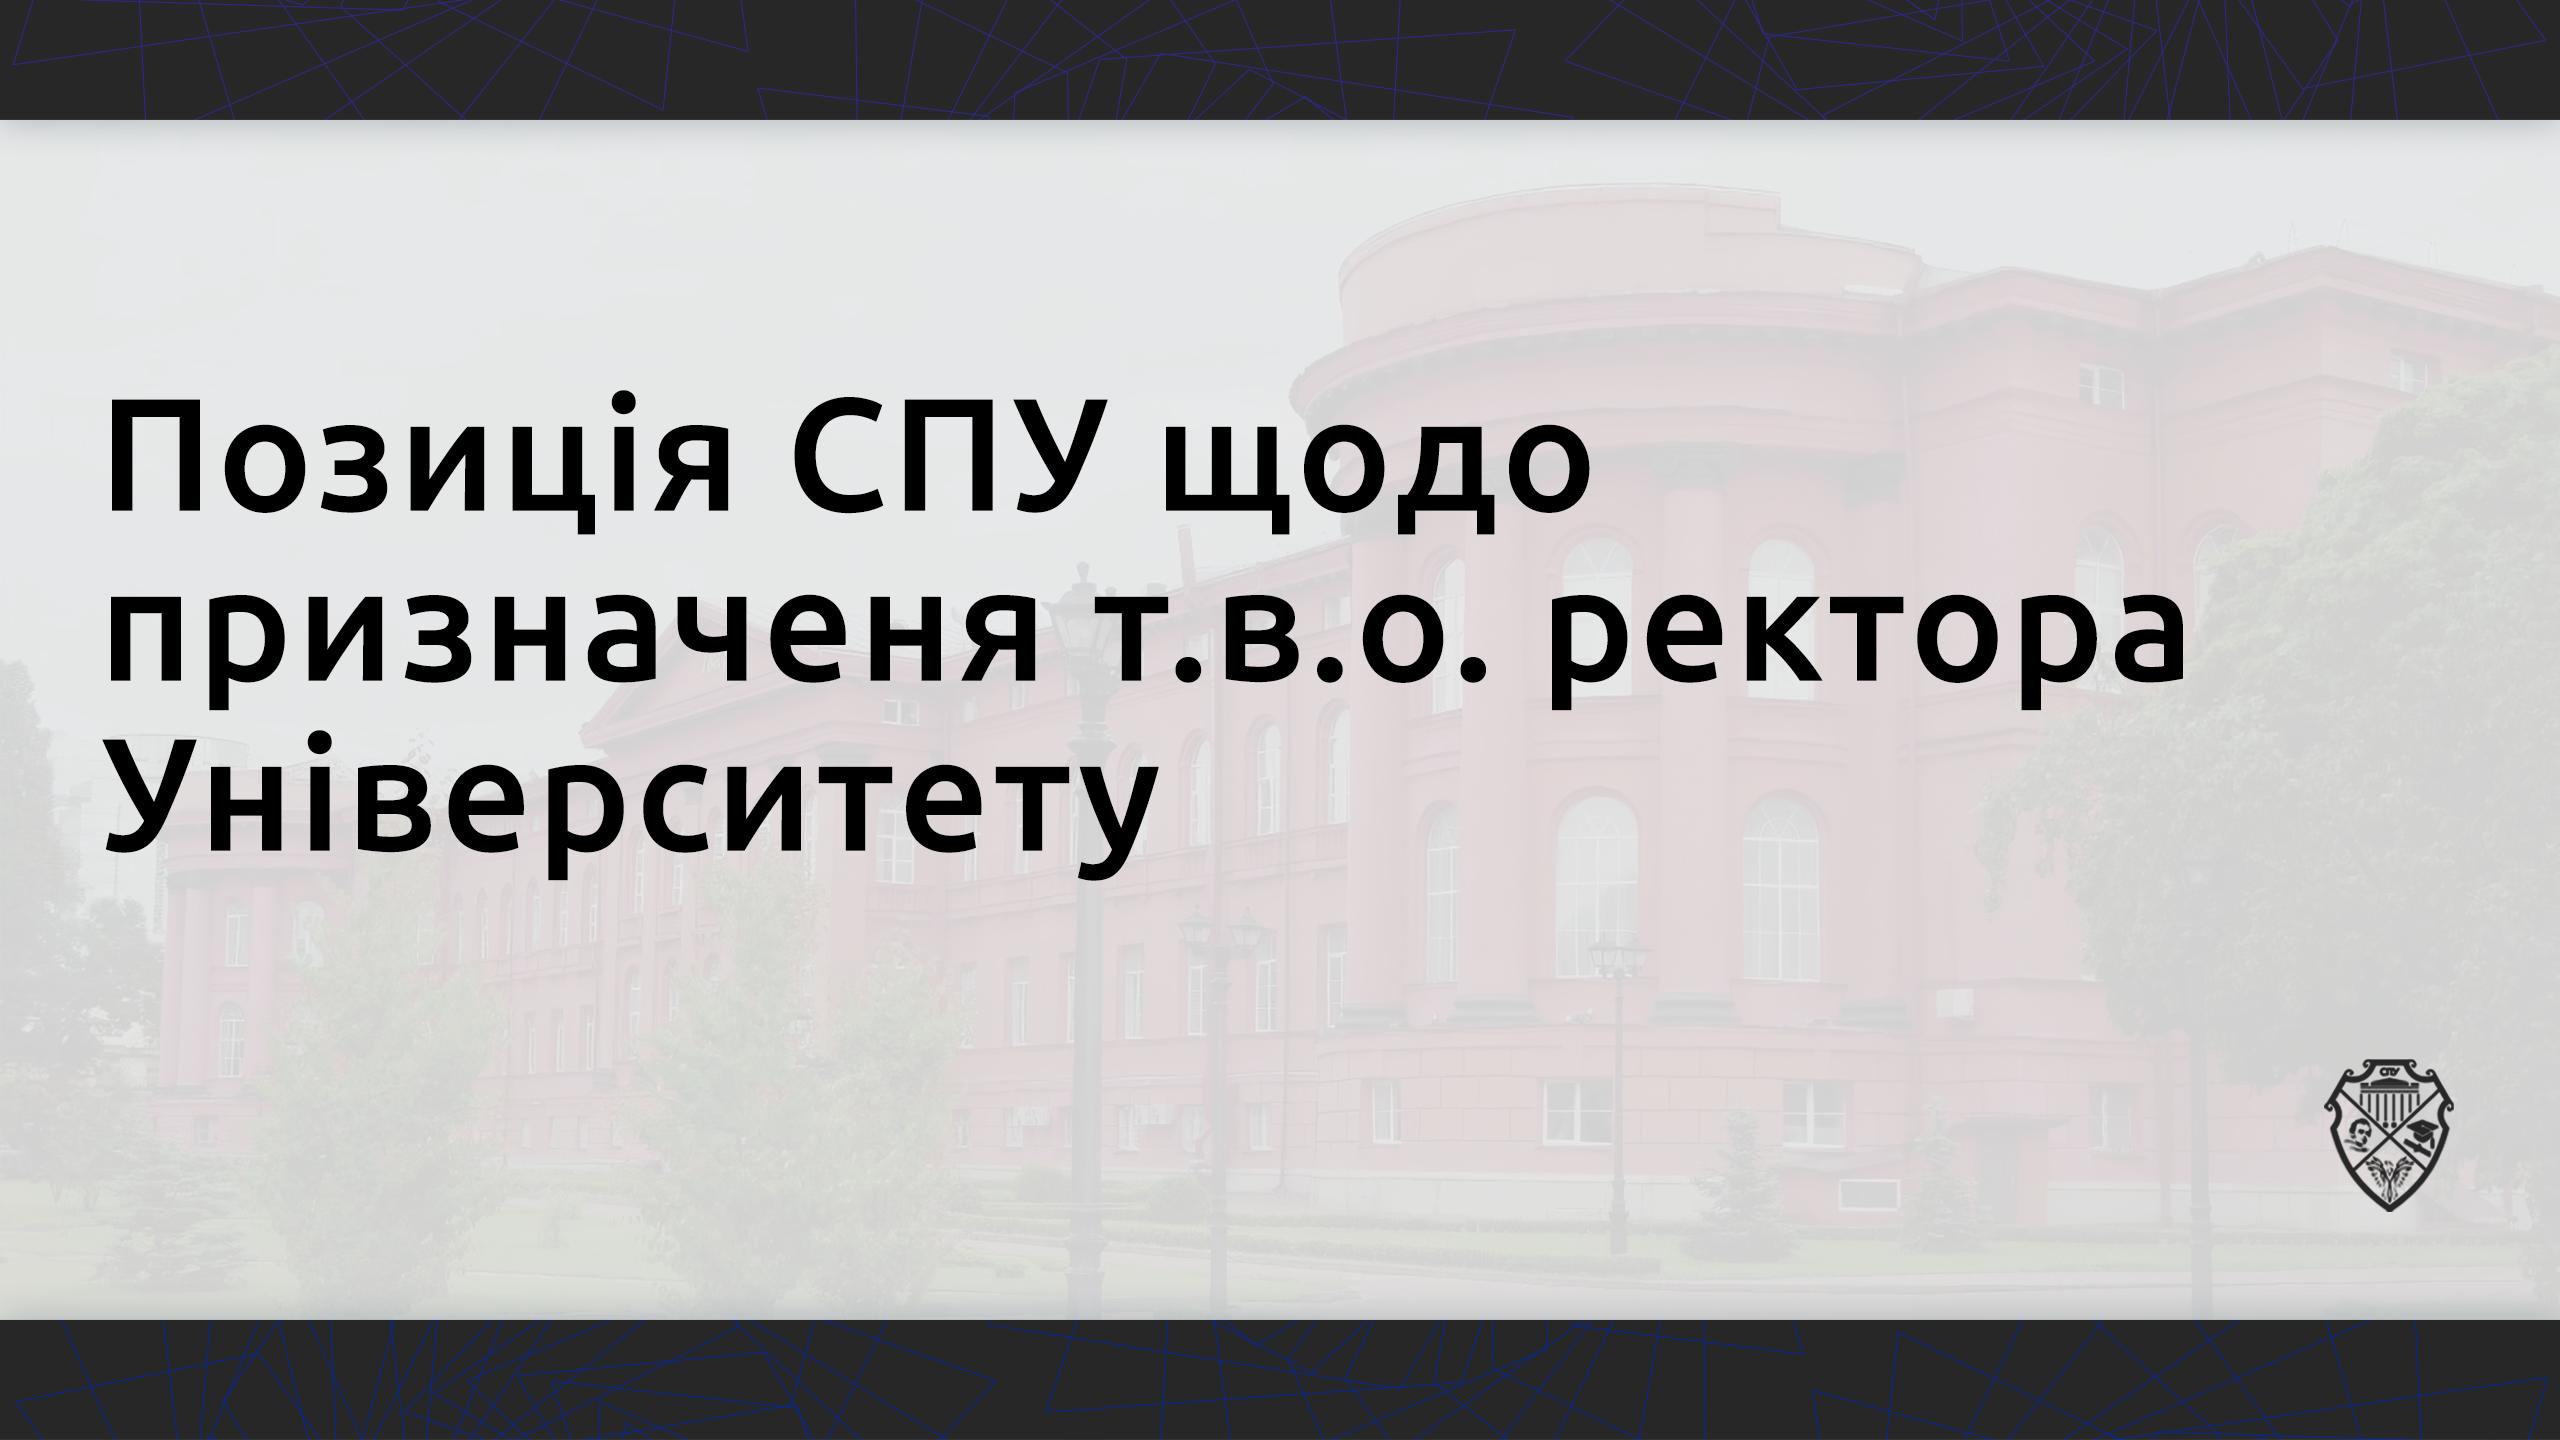 Позиція СПУ щодо призначення т.в.о. ректора Університету